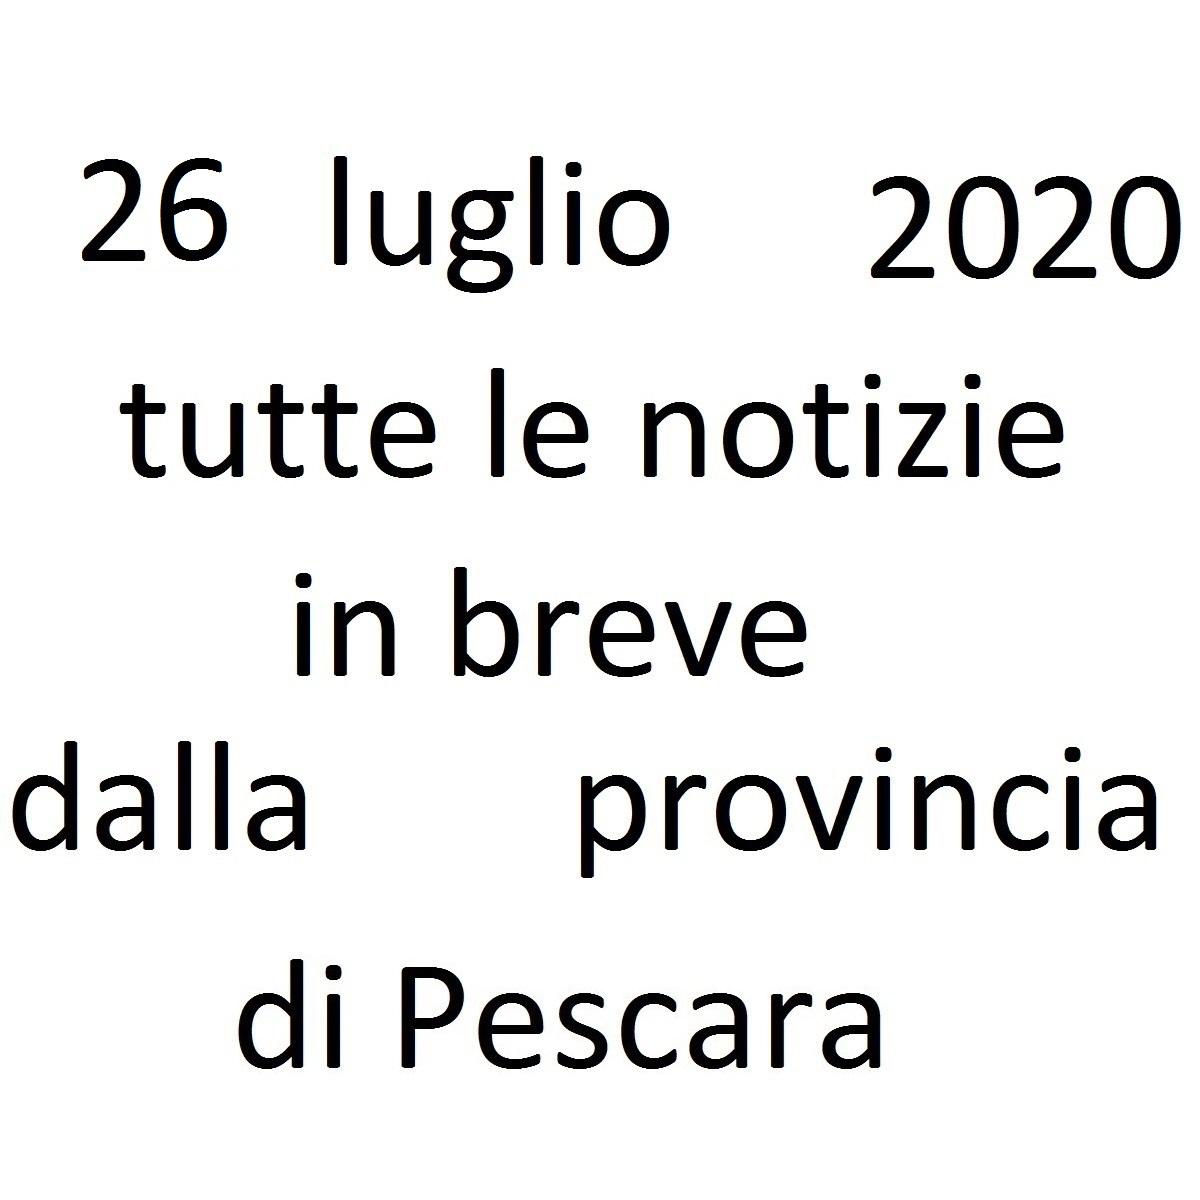 26 luglio 2020 notizie in breve dalla Provincia di Pescara foto